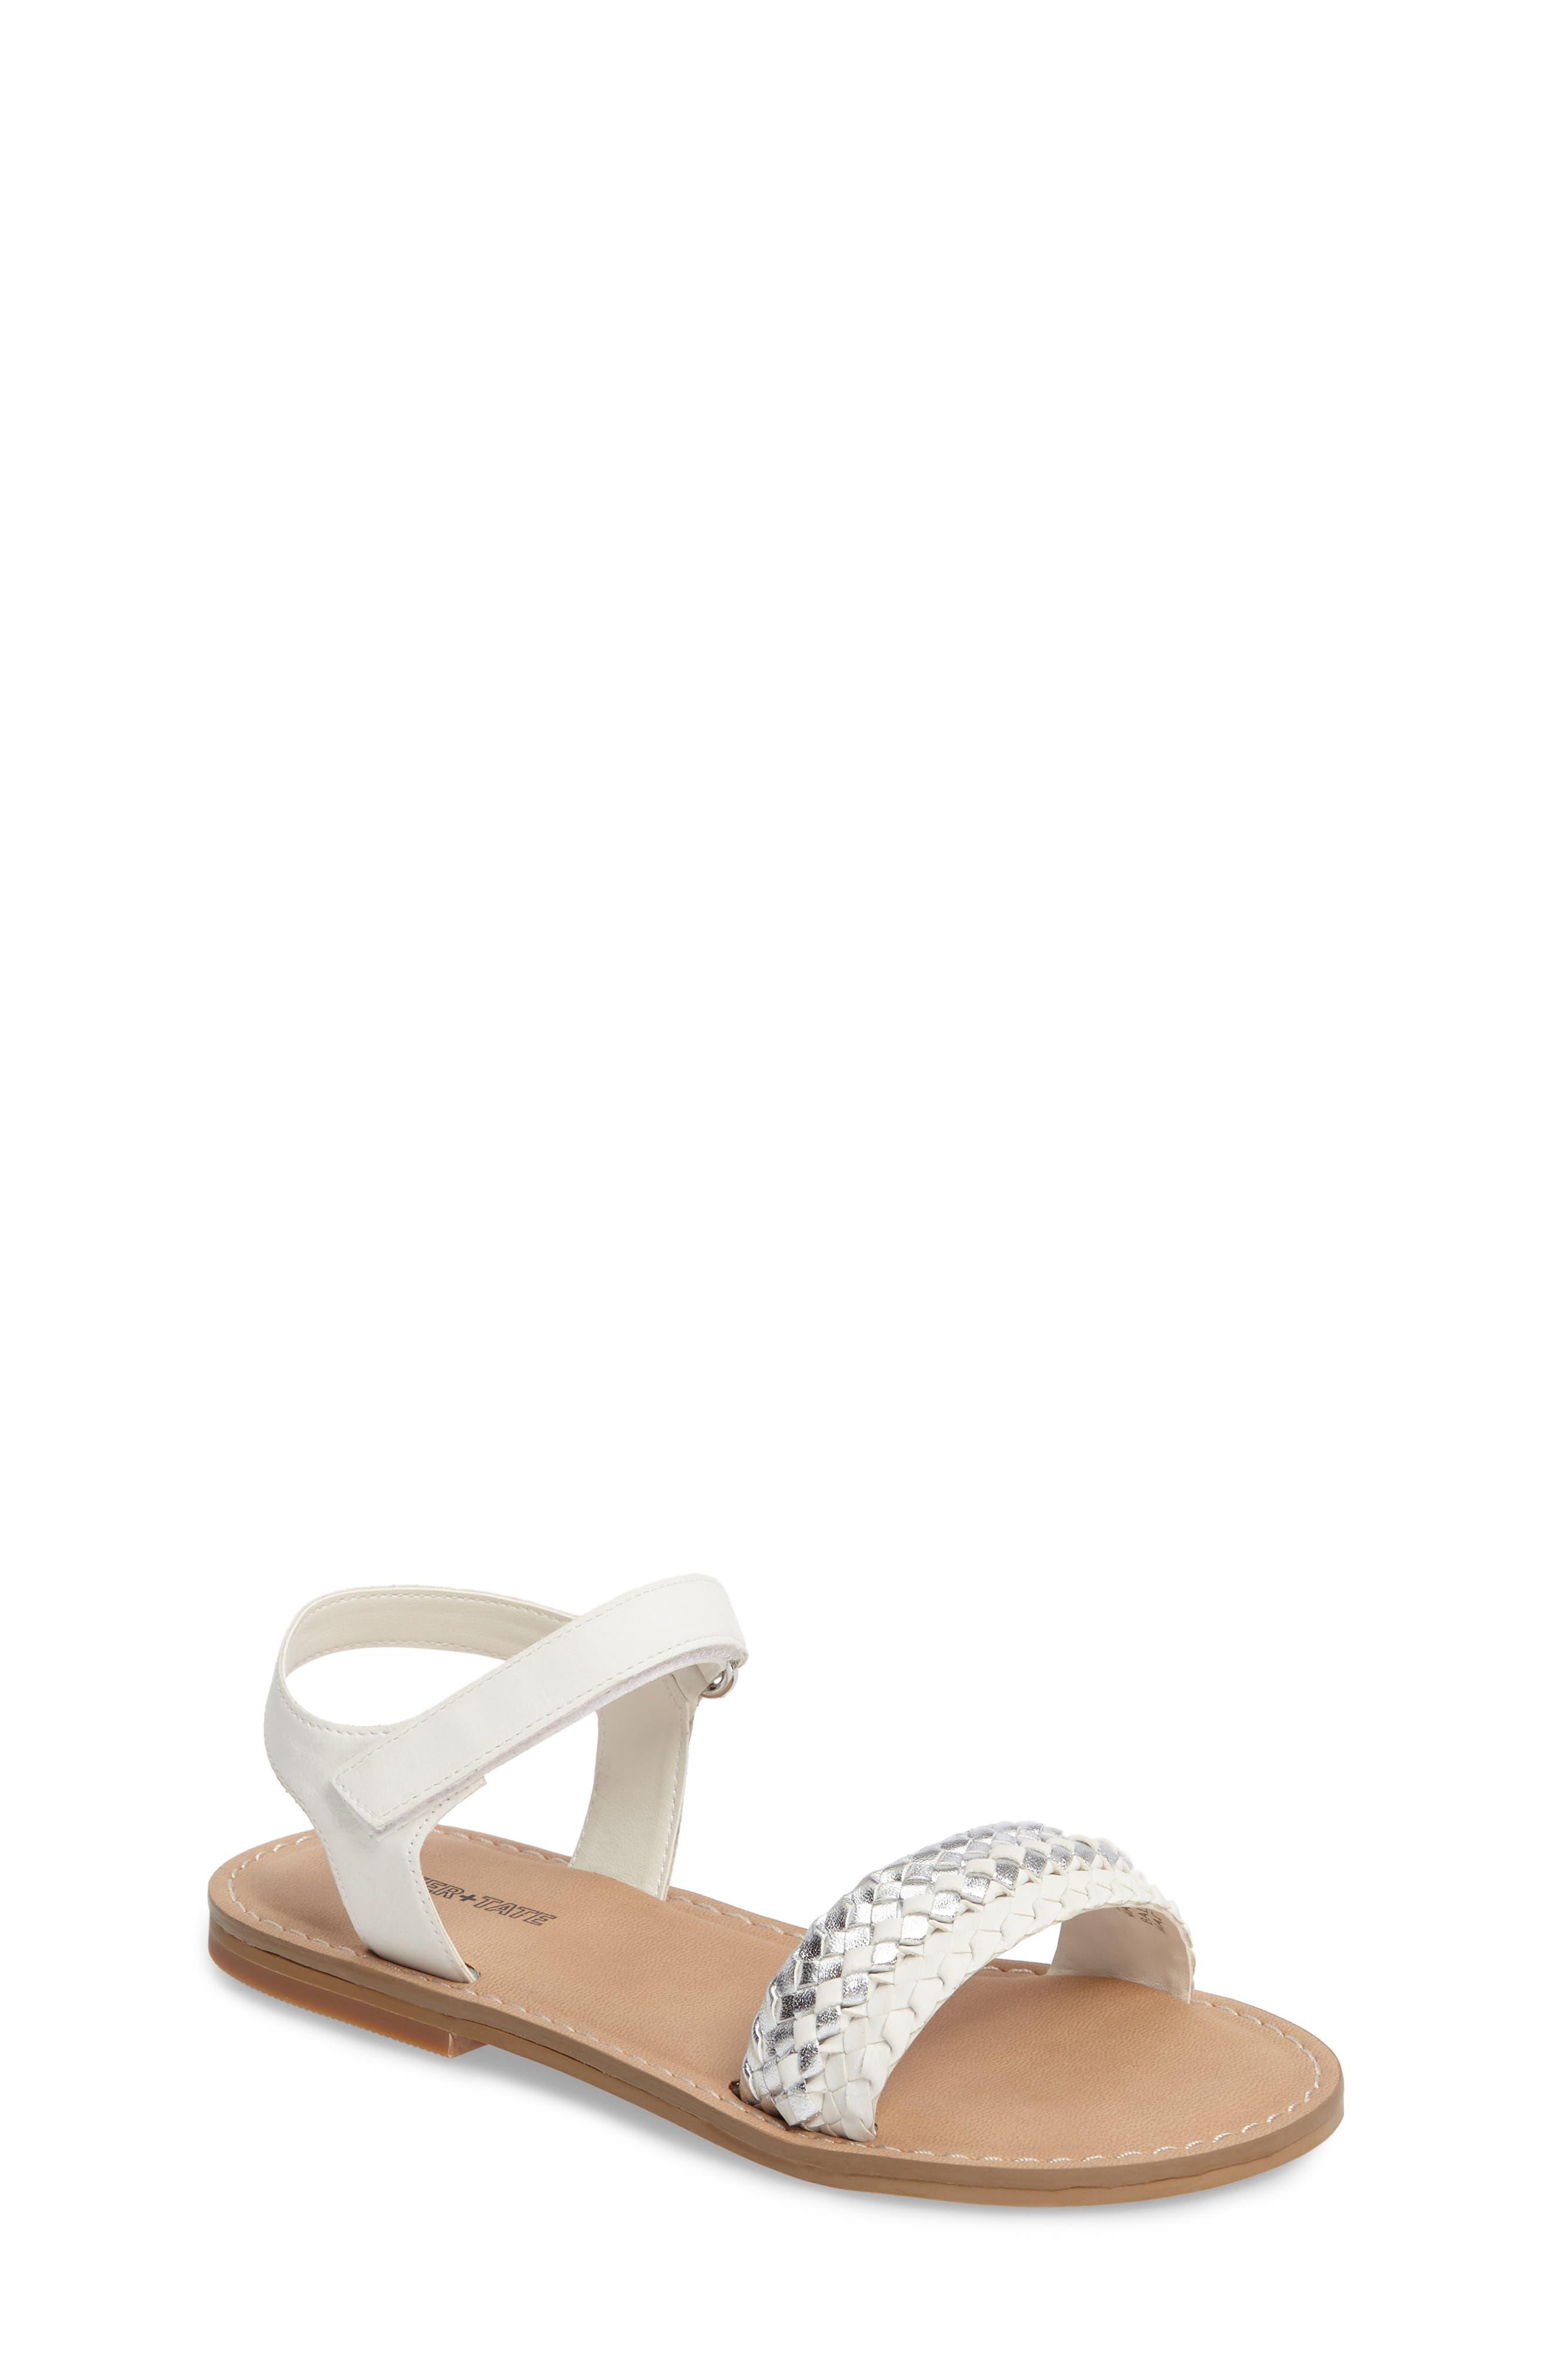 TUCKER + TATE Kierra Ankle Strap Sandal